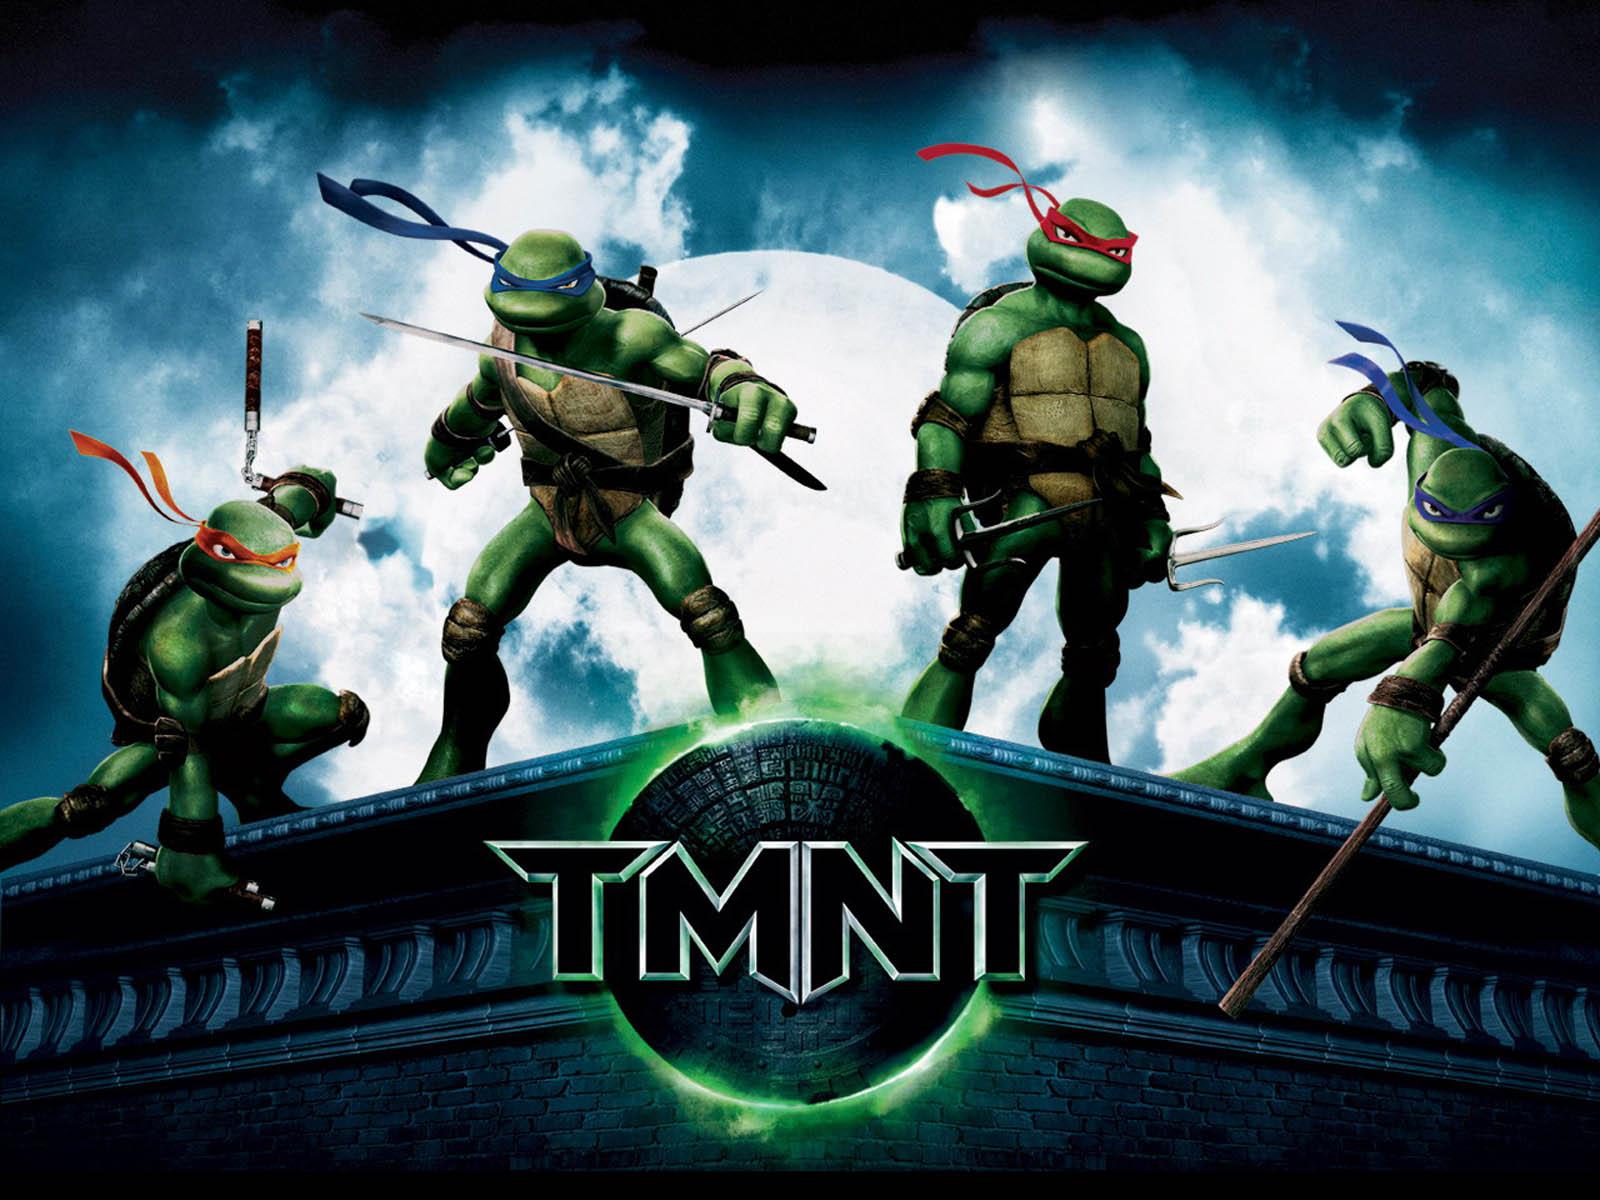 Teenage mutant ninja turtles Wallpapers HD Desktop